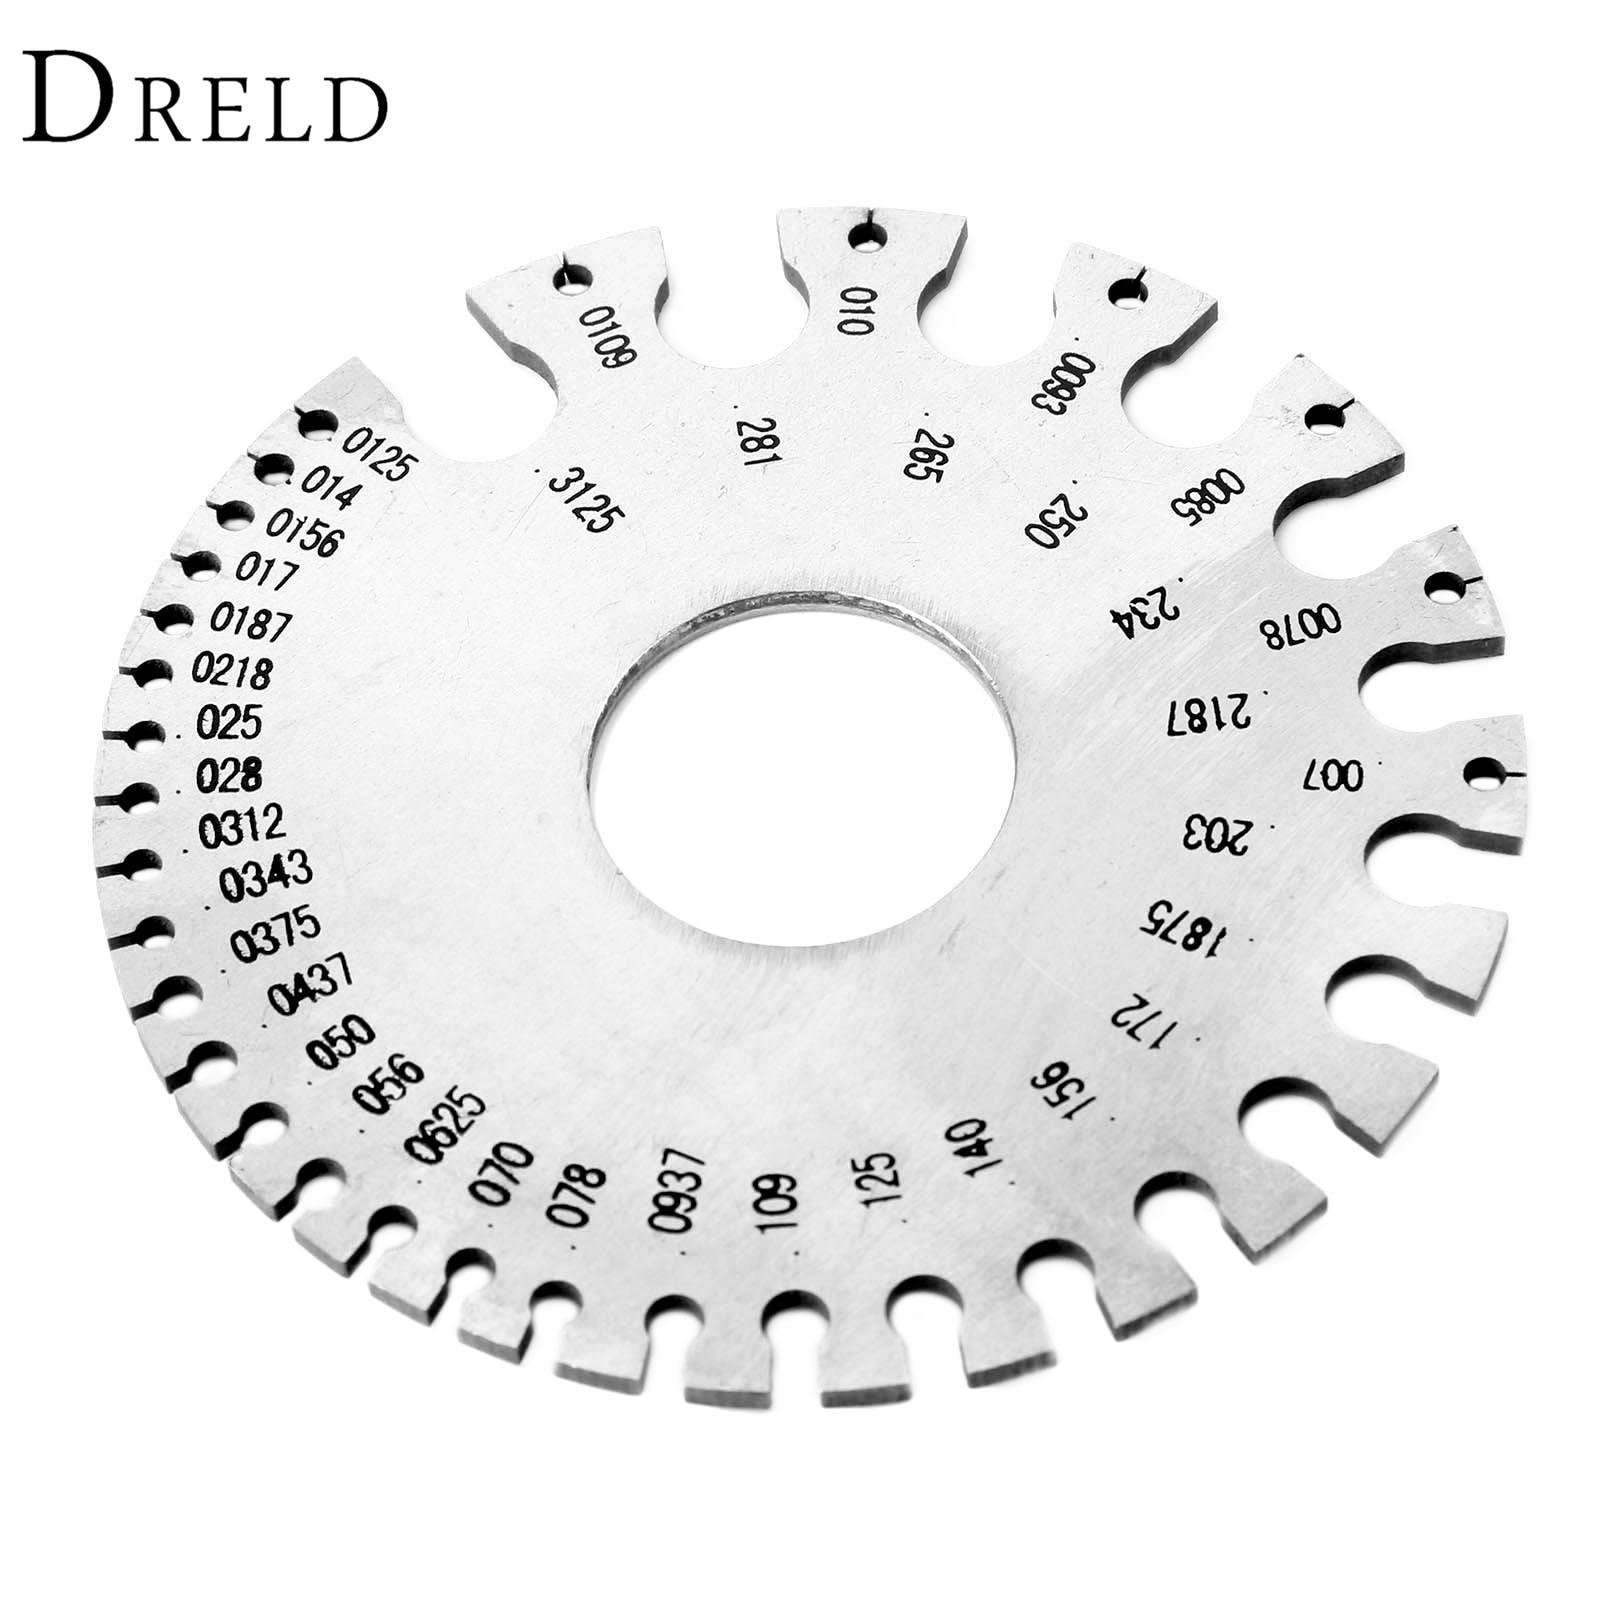 dreld 0 36 stainless steel wire gauge weld diameter gauge welding inspection inch measuring gauges fpr measurement tool with bag [ 1600 x 1600 Pixel ]